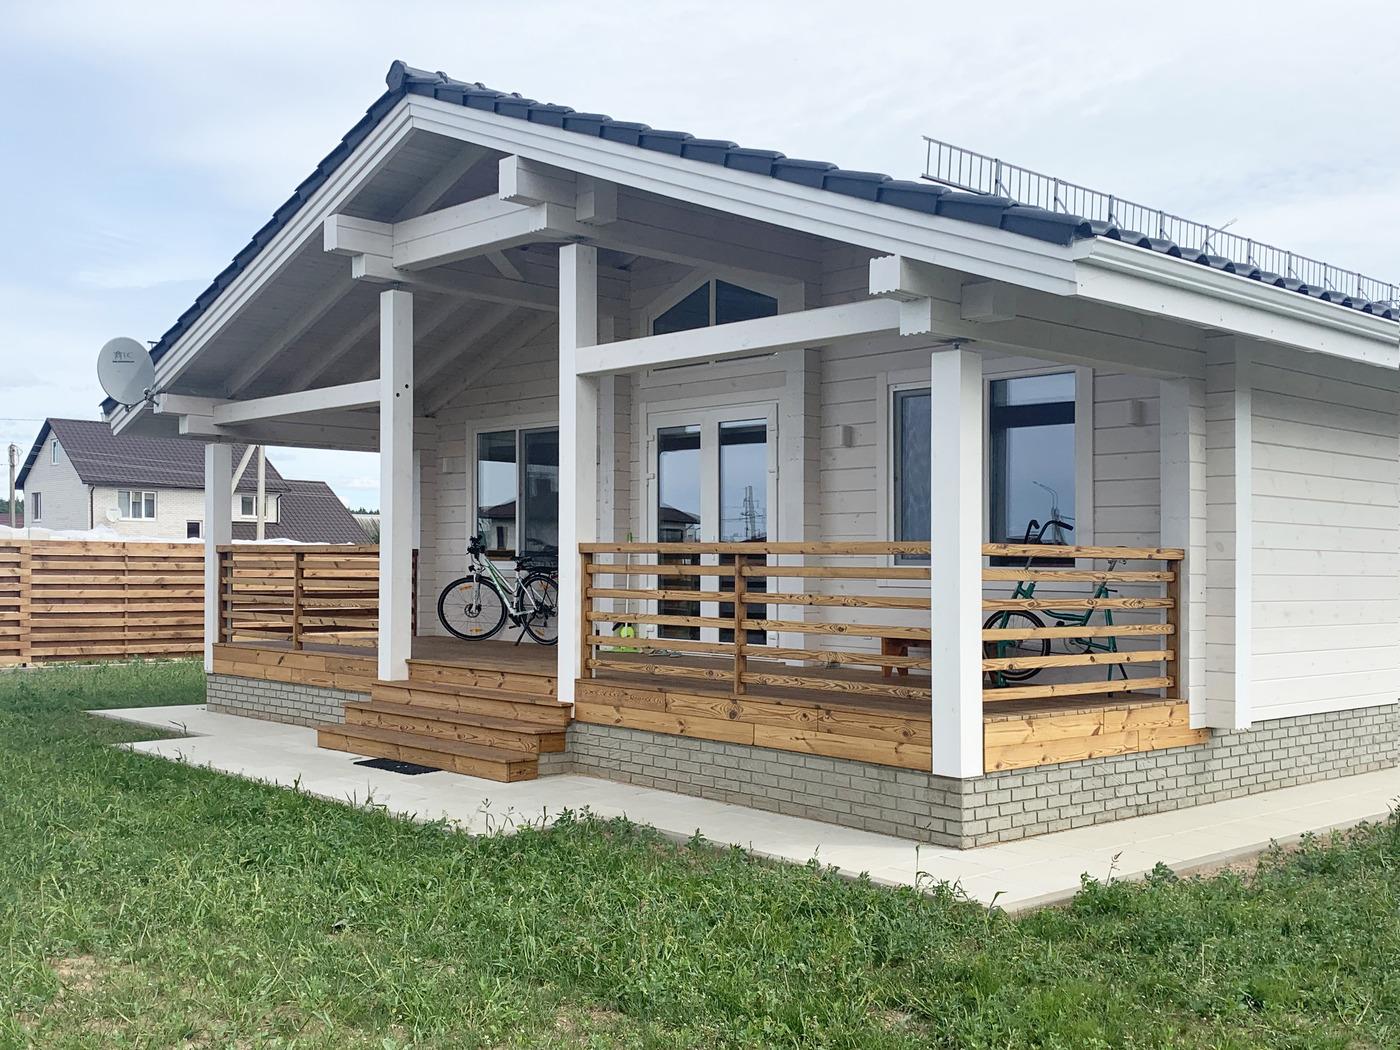 кредит на строительство дачи в беларусиипотечный кредит без залога